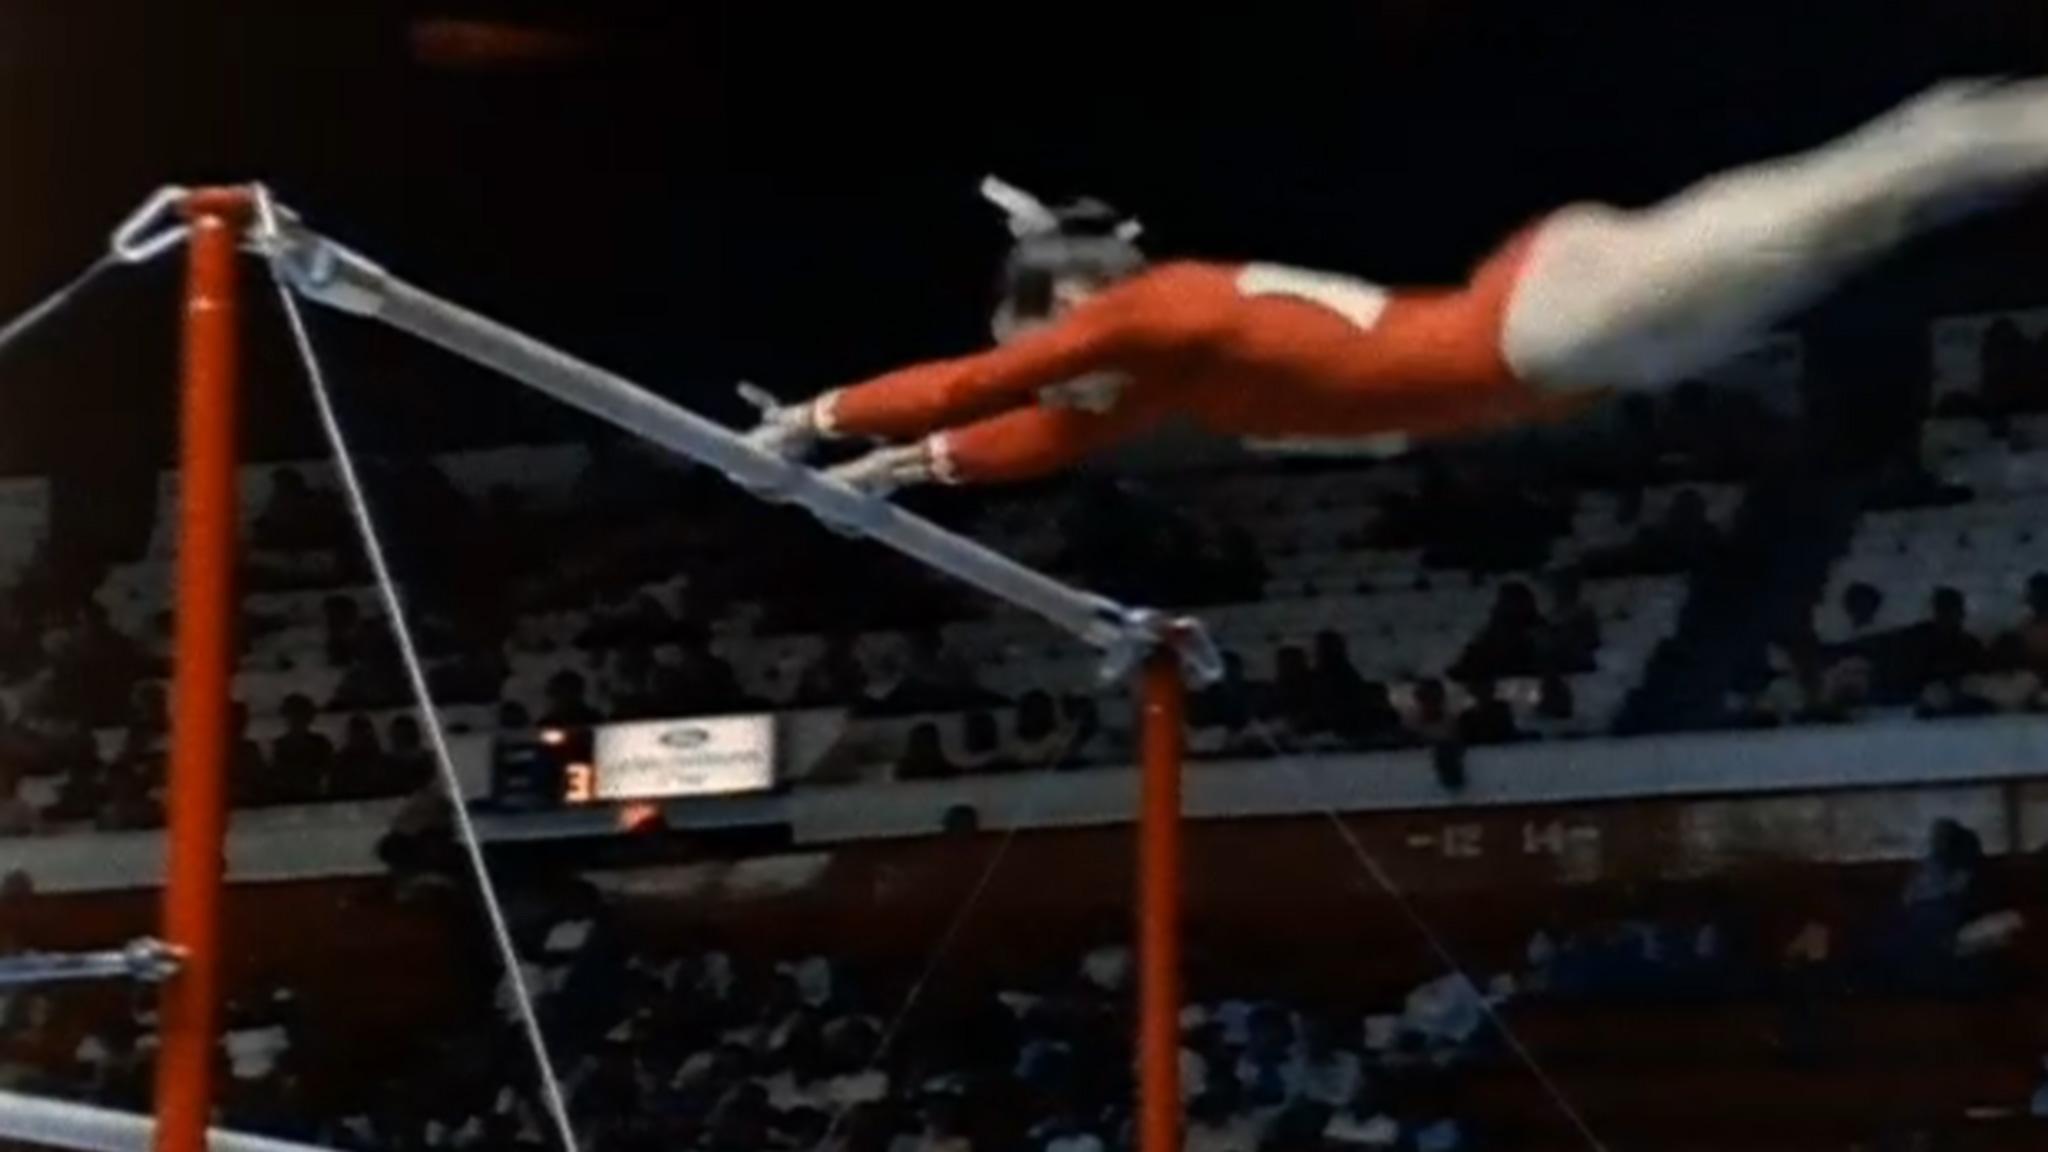 Les Jeux olympiques de Montréal de 1976, 40 ans déjà